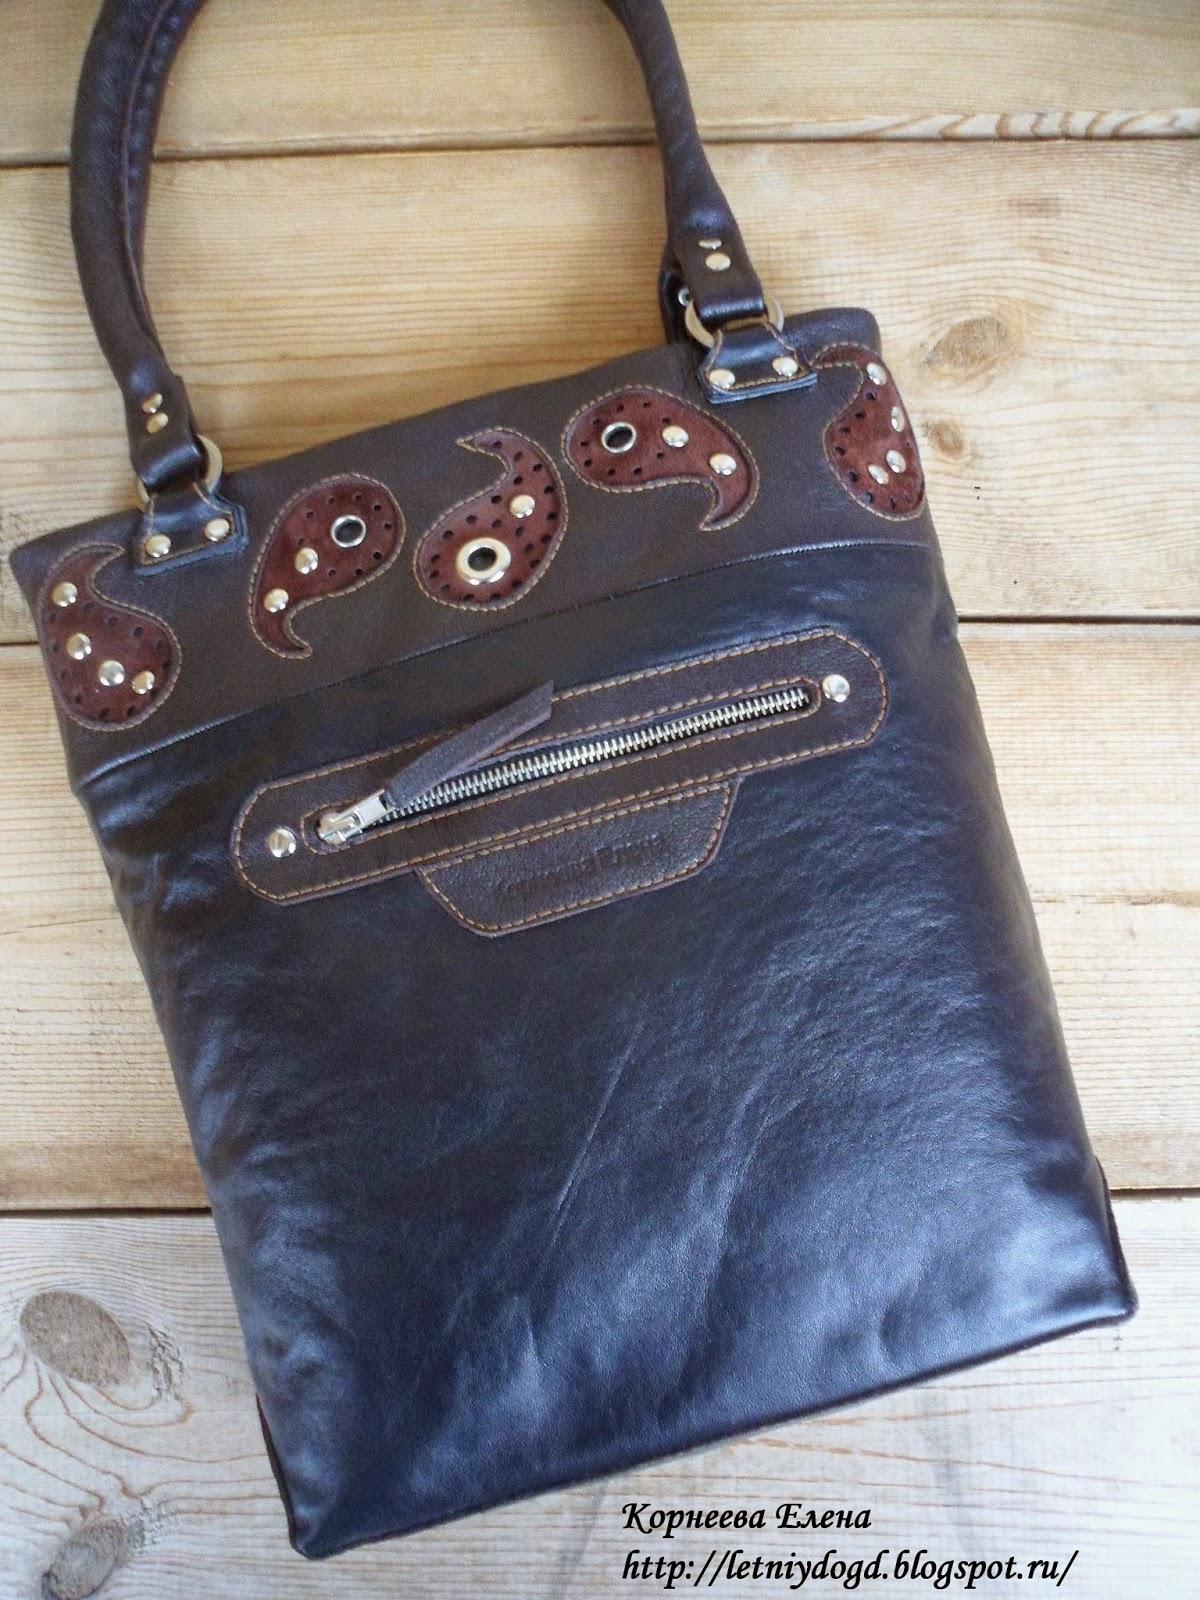 кожаная сумка с орнаментом пейсли